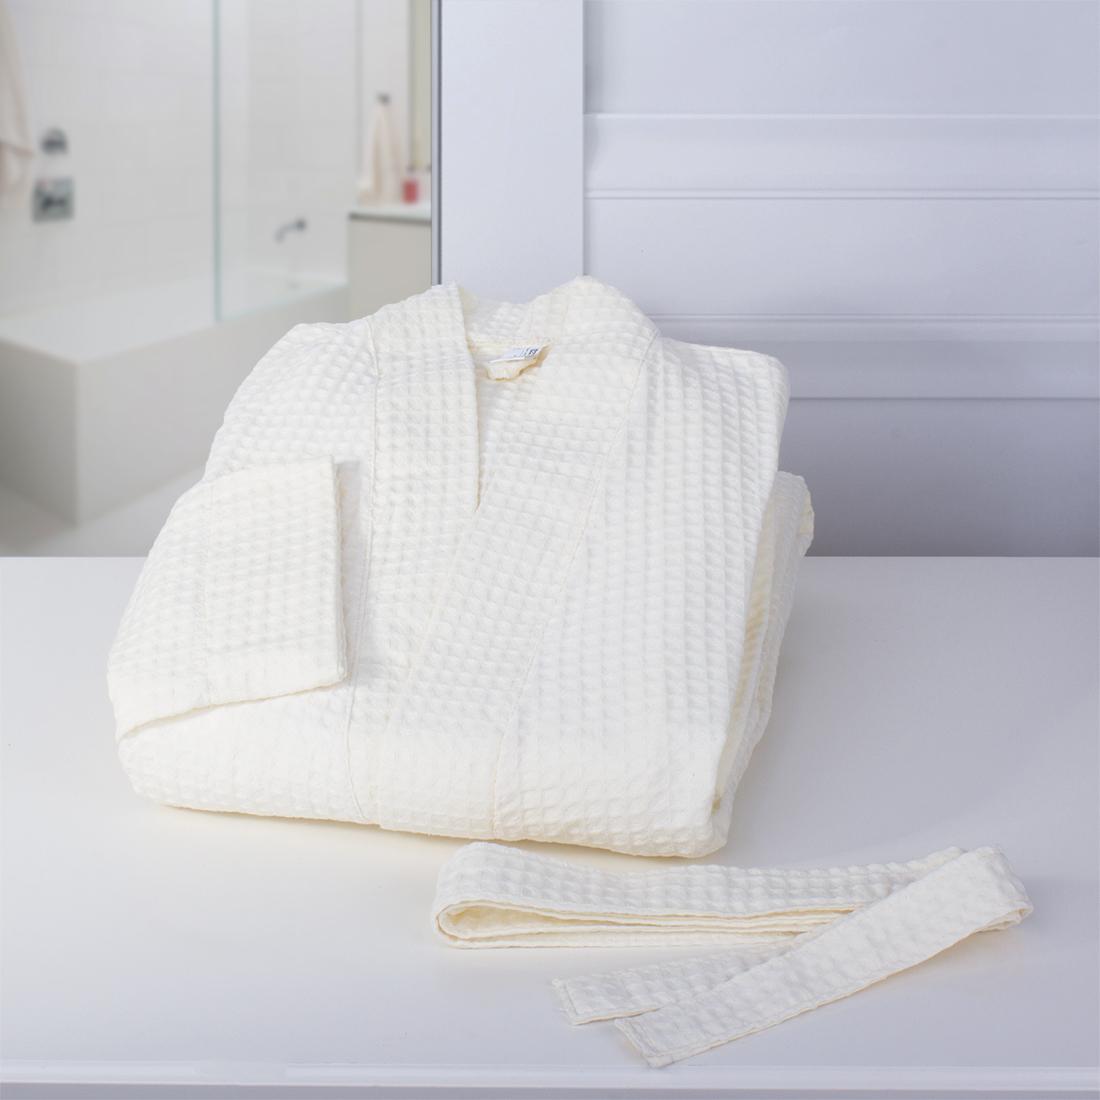 Халат-кимоно Dome Ribbed, цвет: молочный. Размер Mdme333613Пике довольно неприхотливая добротная ткань. В ее составе только экологически чистые материалы. Пике замечательно впитывает жидкости и является достойным аналогом изделий из махры для ванной комнаты и кухни. Отличительная особенность Пике Dome - это особое переплетение волокон, в результате которого получается 3D узор. Такой вид плетения придает ткани особую мягкость и легкость. Готовые изделия не занимают много места, легко стираются и очень быстро сохнут. Изделия из Пике от бренда Dome - это качественные современные вещи по доступным ценам.